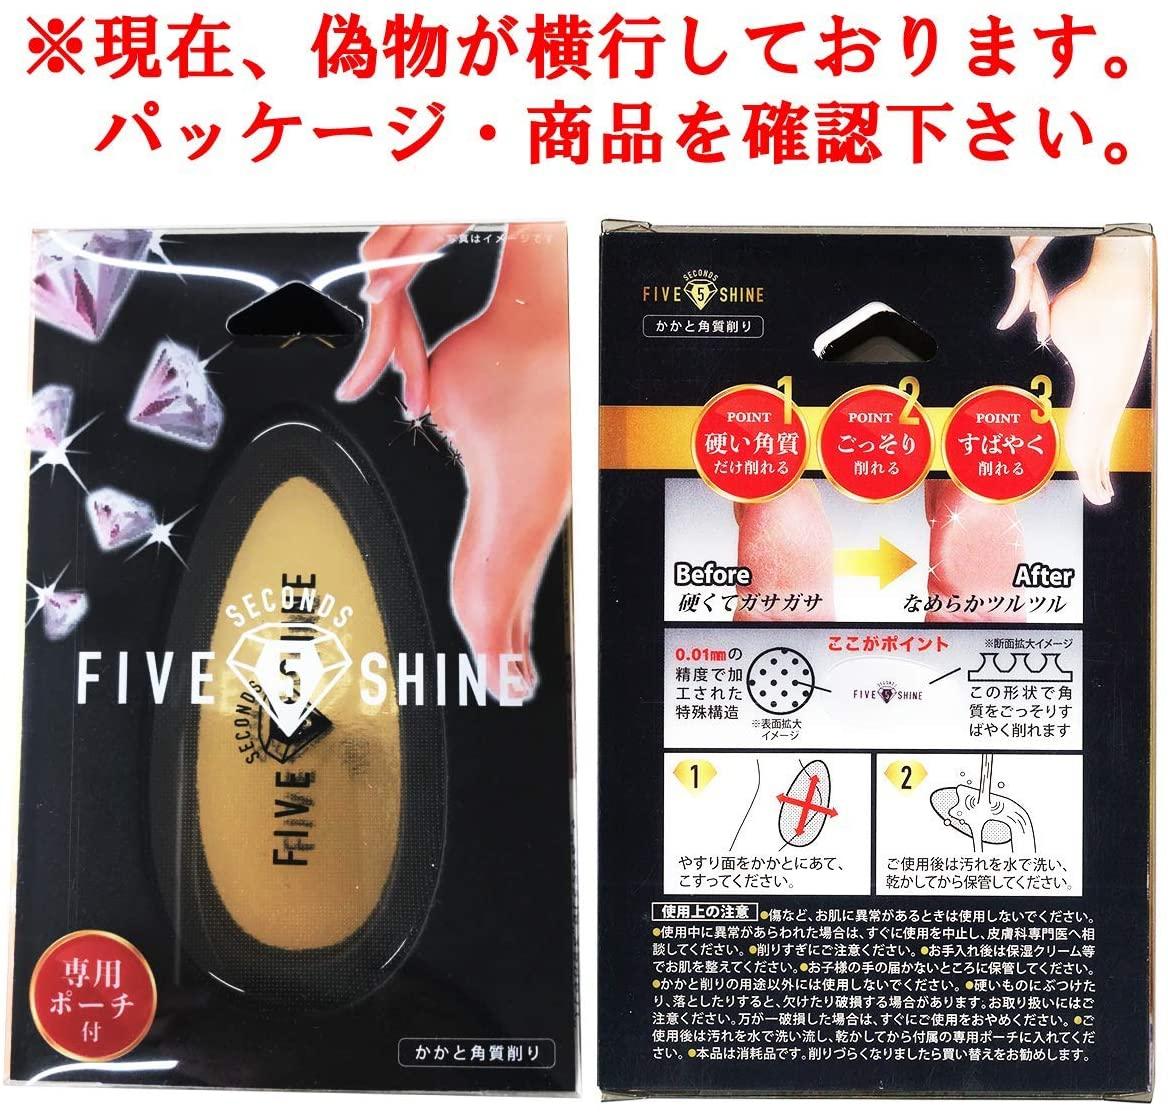 ファイブセカンズシャイン 5セカンズシャイン(かかと角質削り)の商品画像6